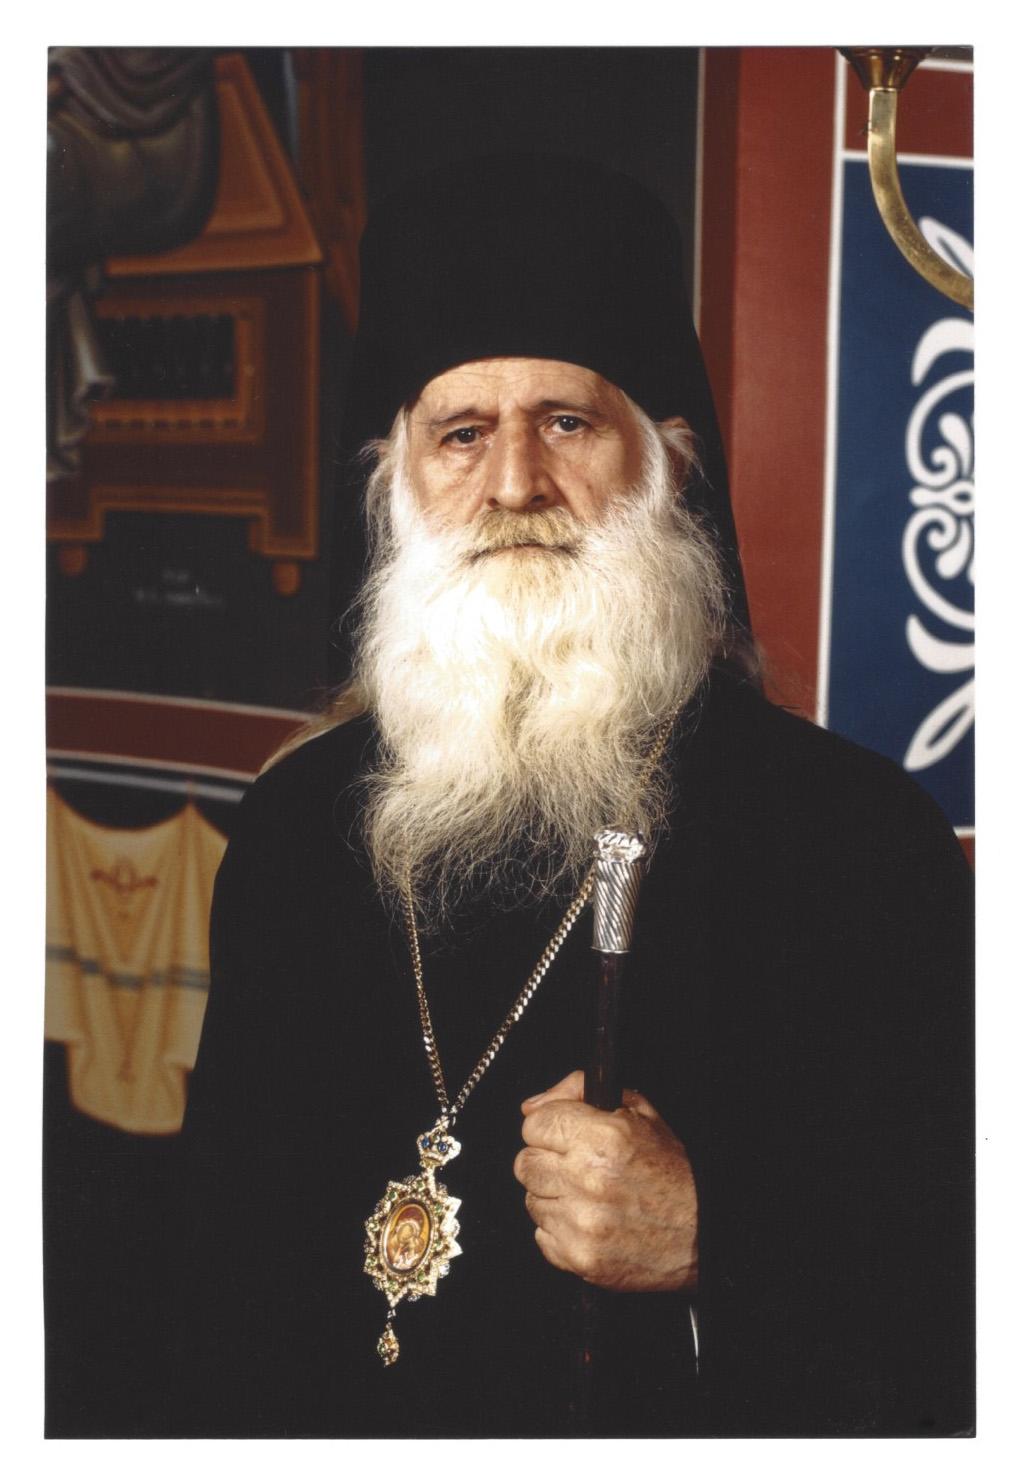 Arcivescovo Ortodosso Gregorio Baccolini